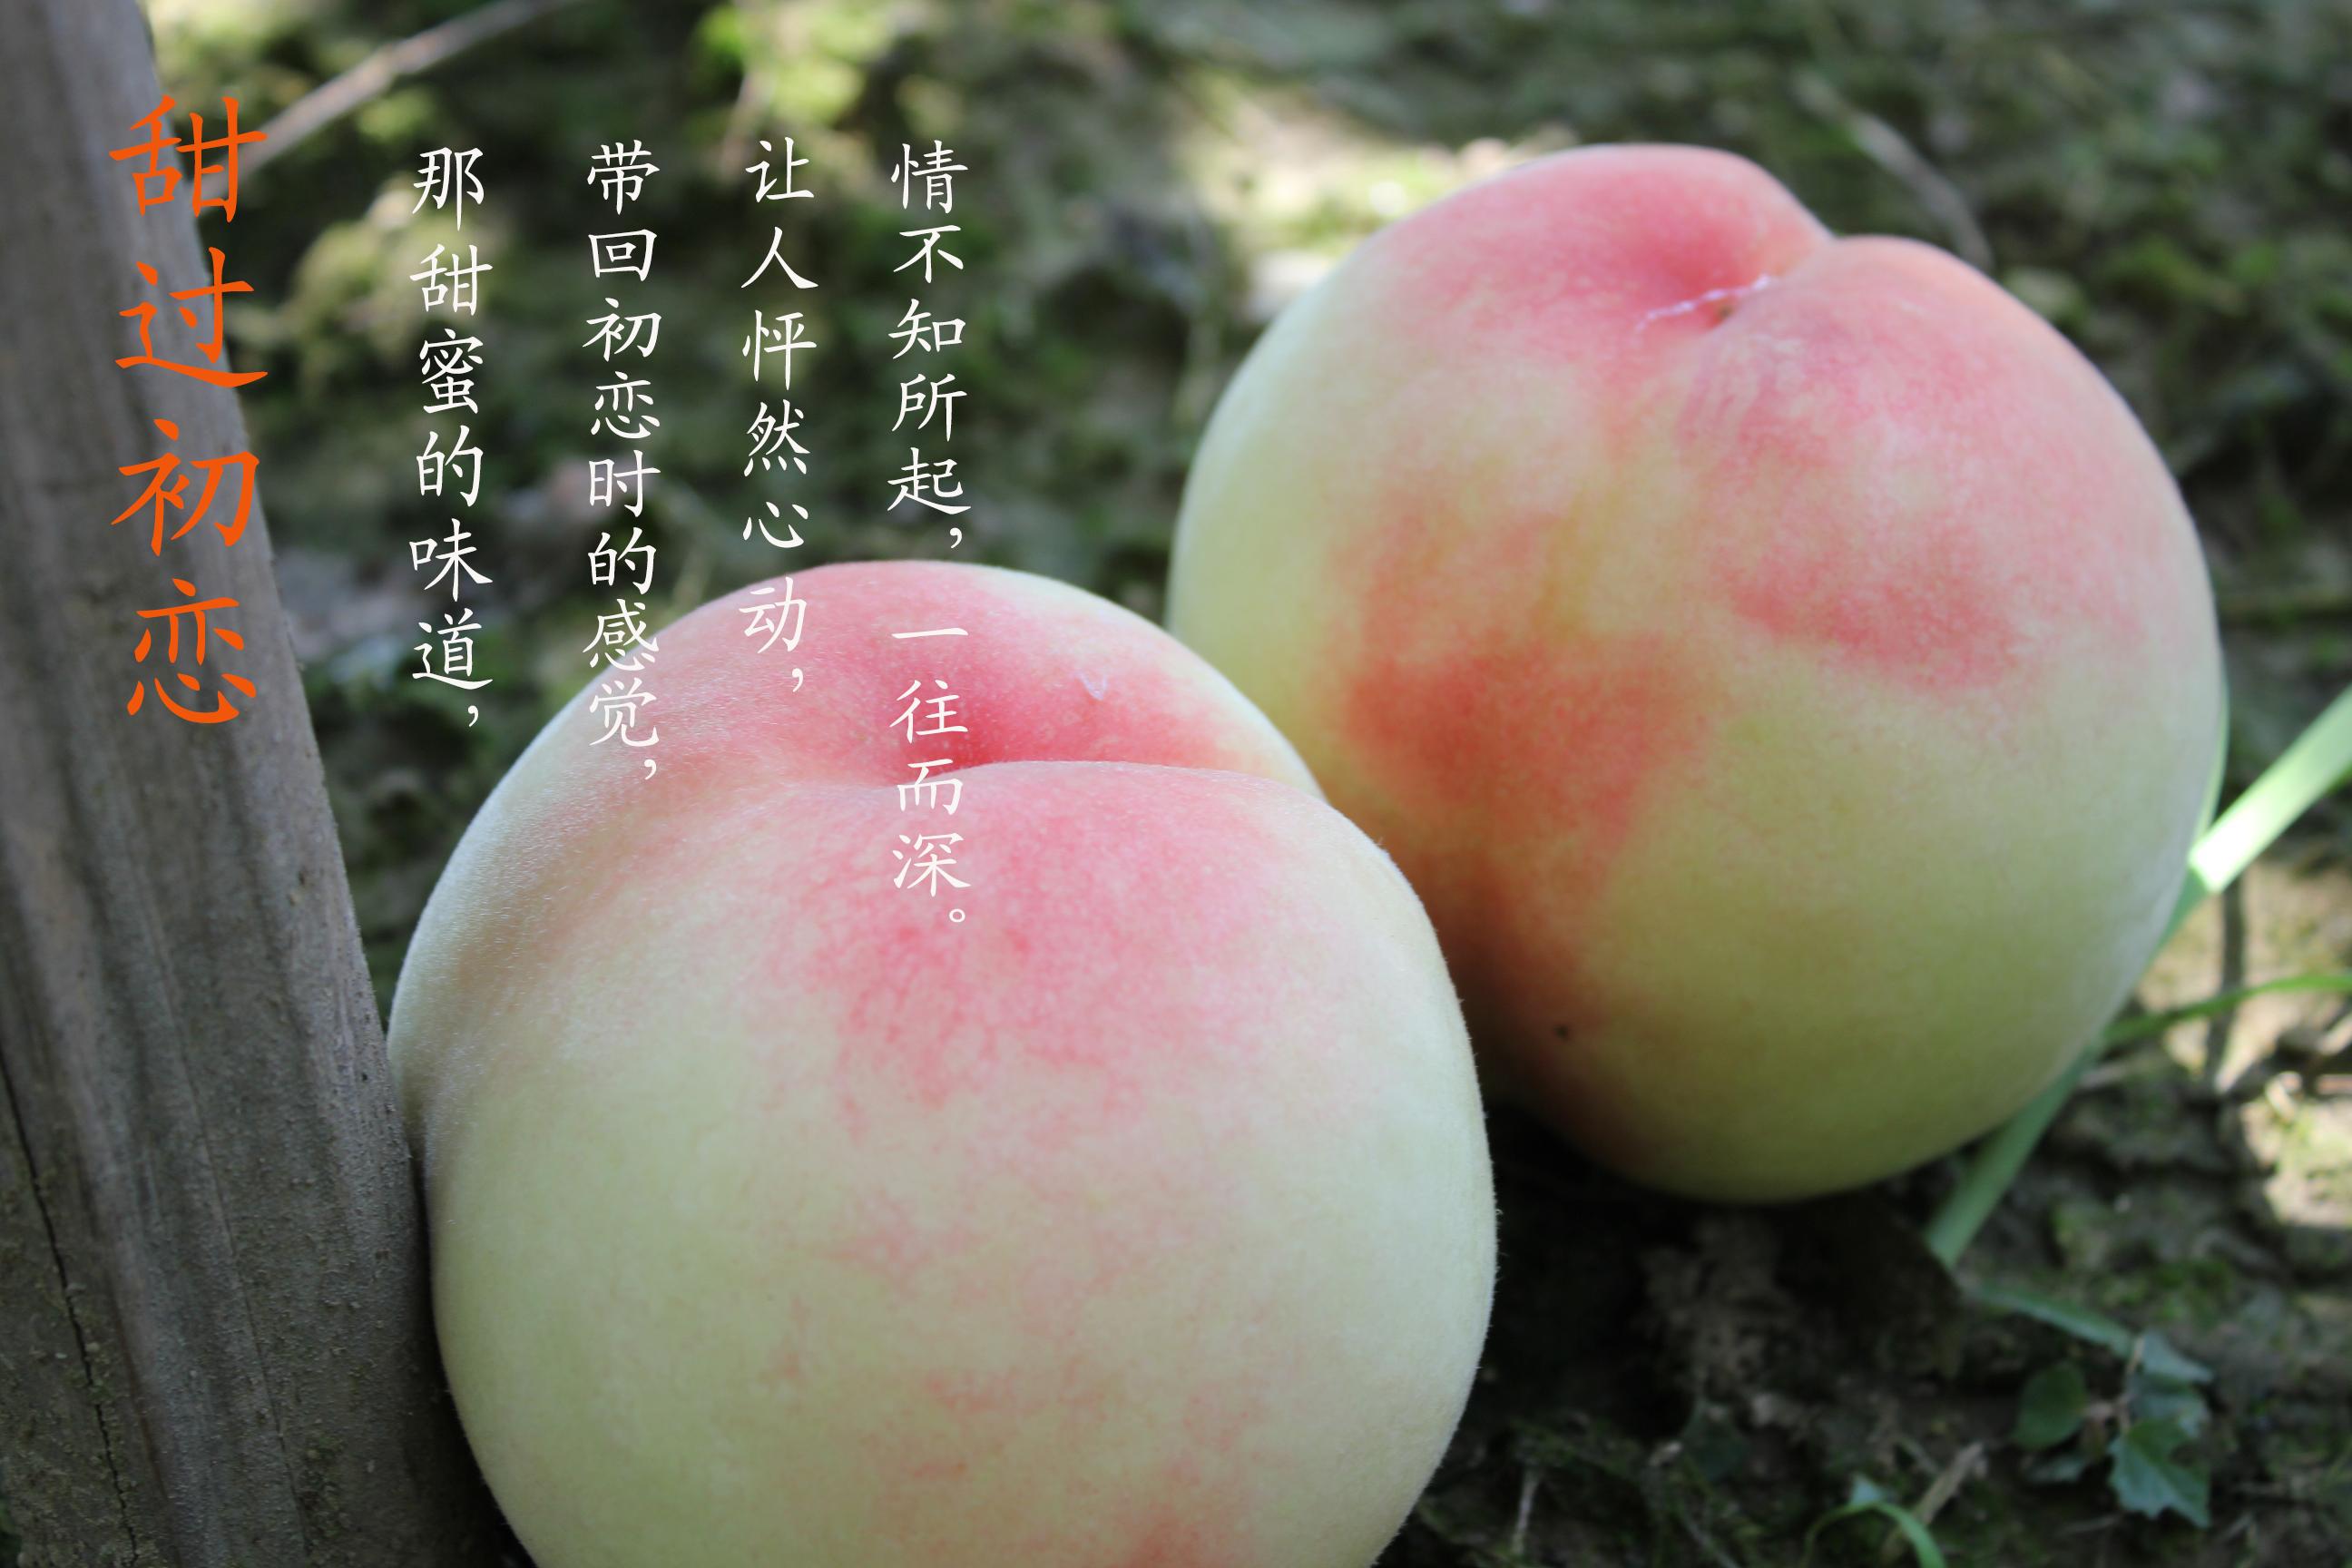 无锡水蜜桃的传奇!